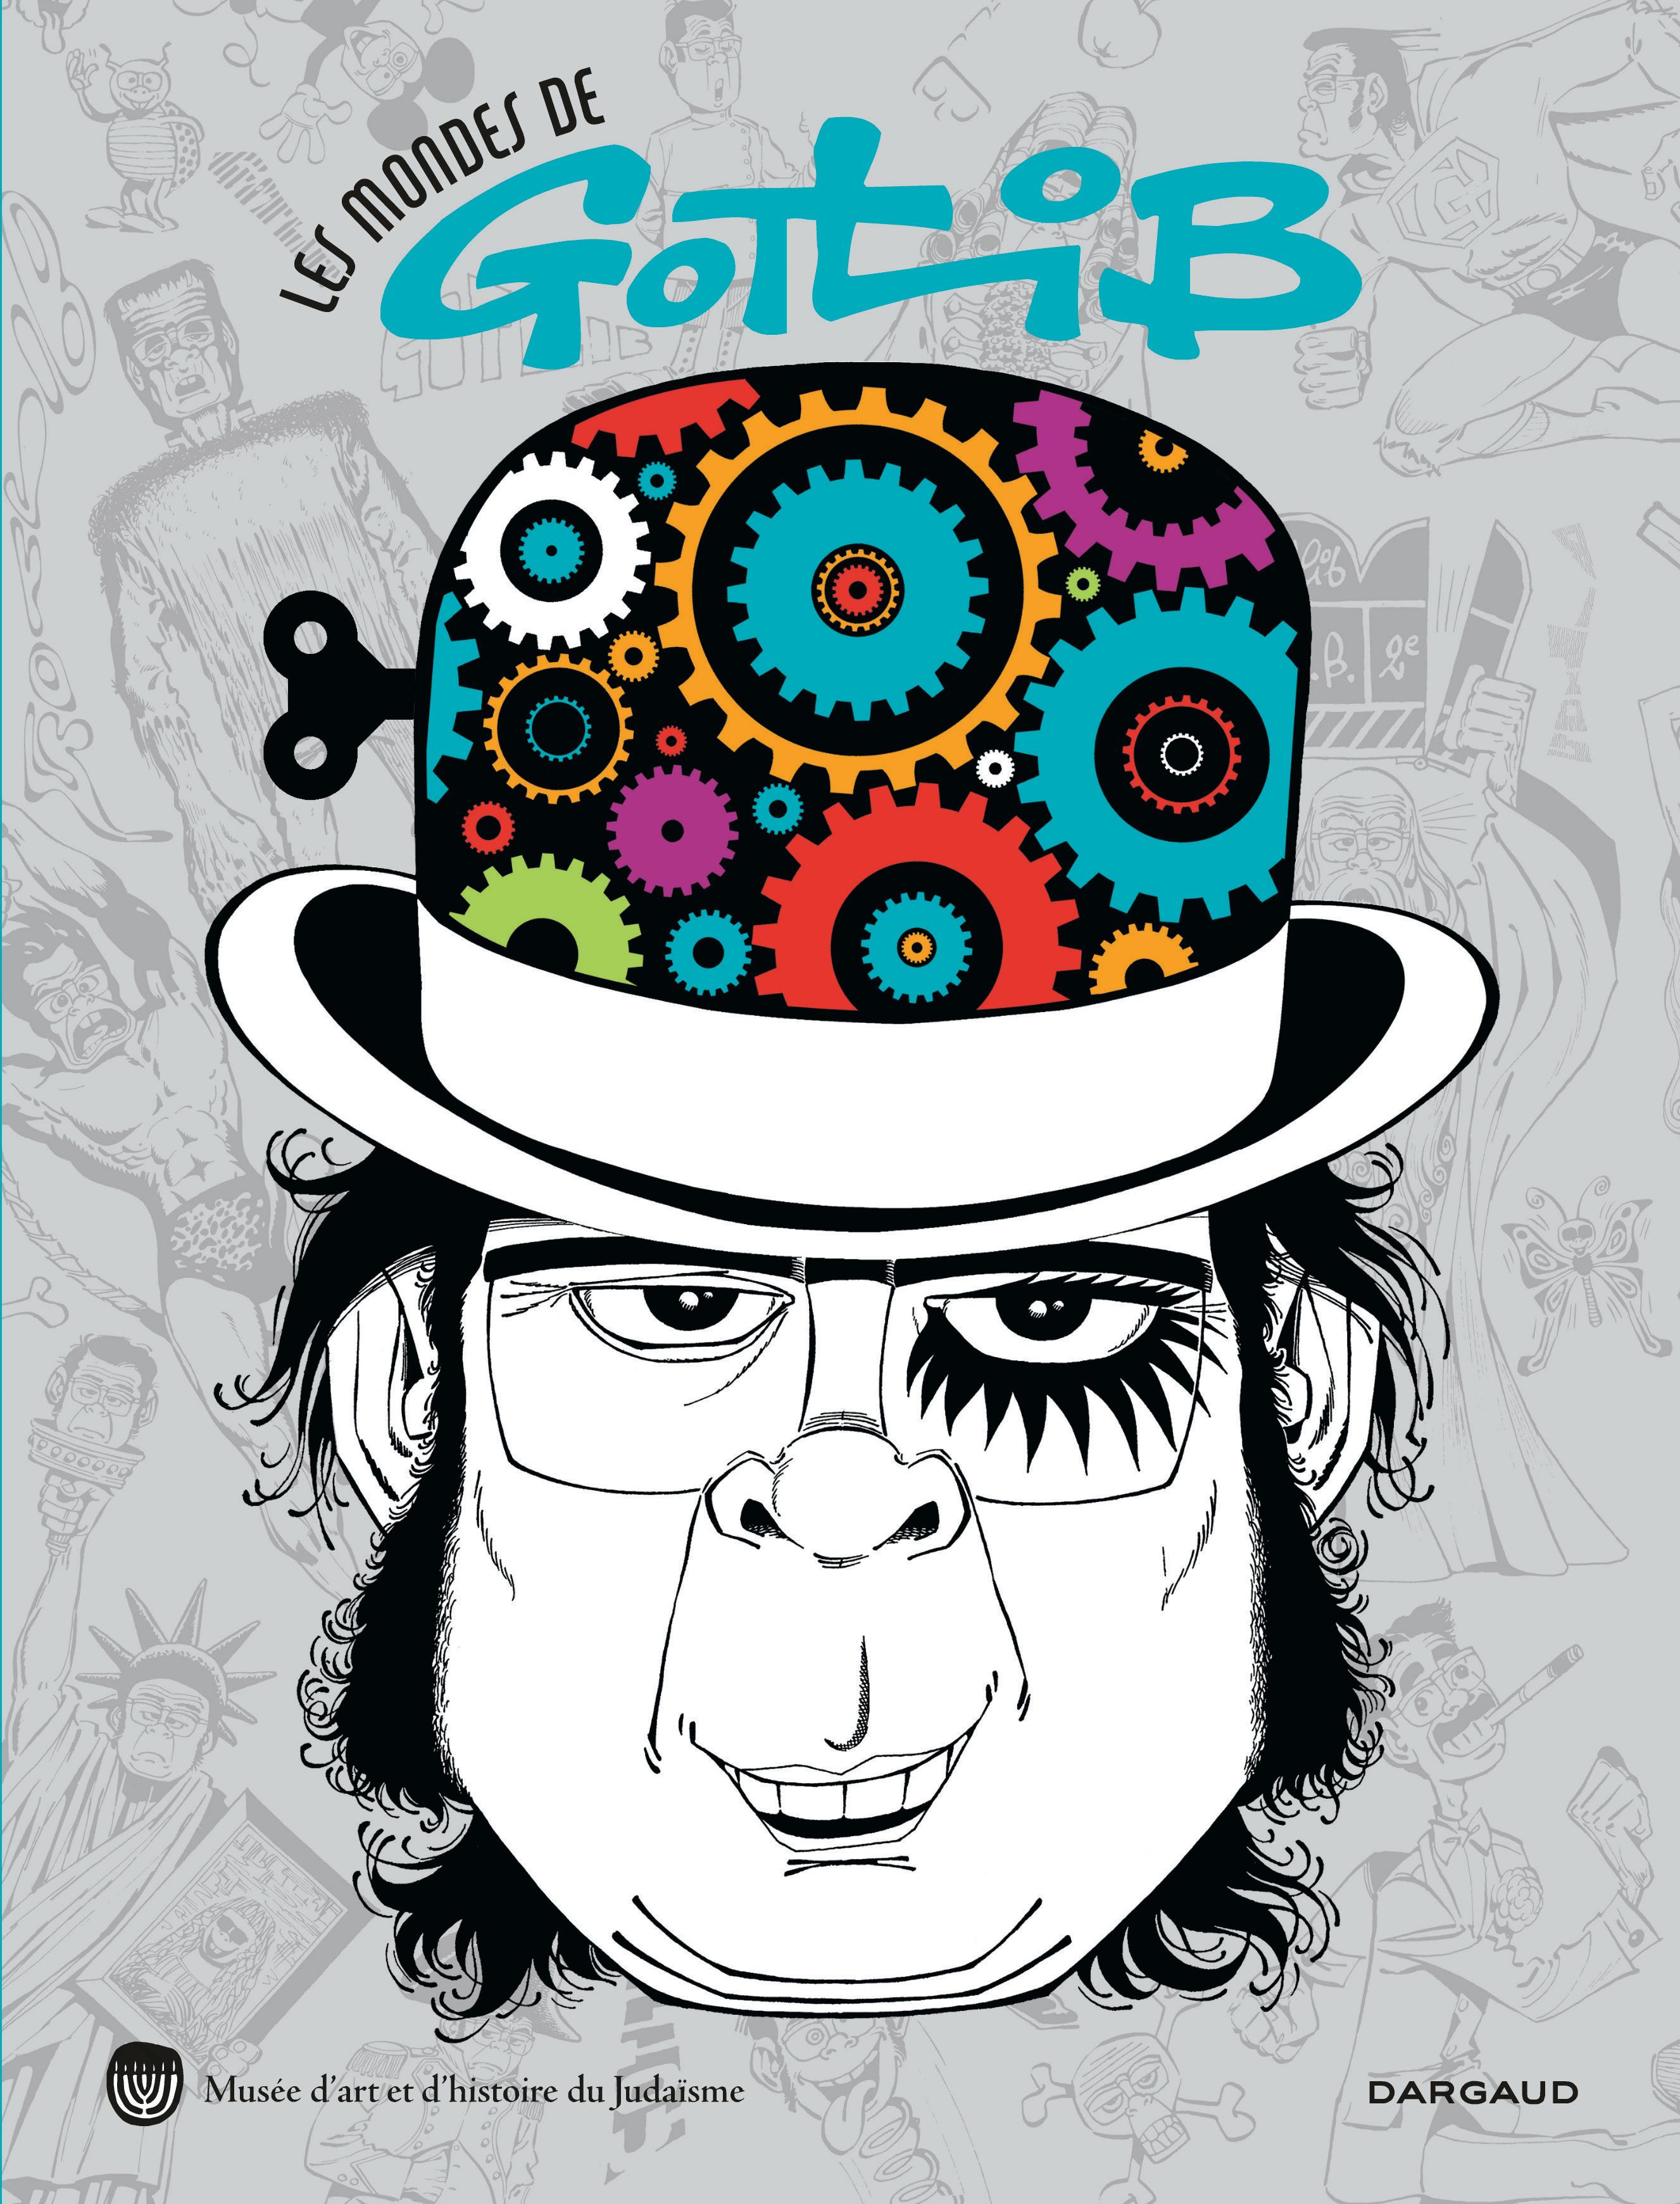 Les Mondes de Gotlib 1 - Mondes de Gotlib (Les)